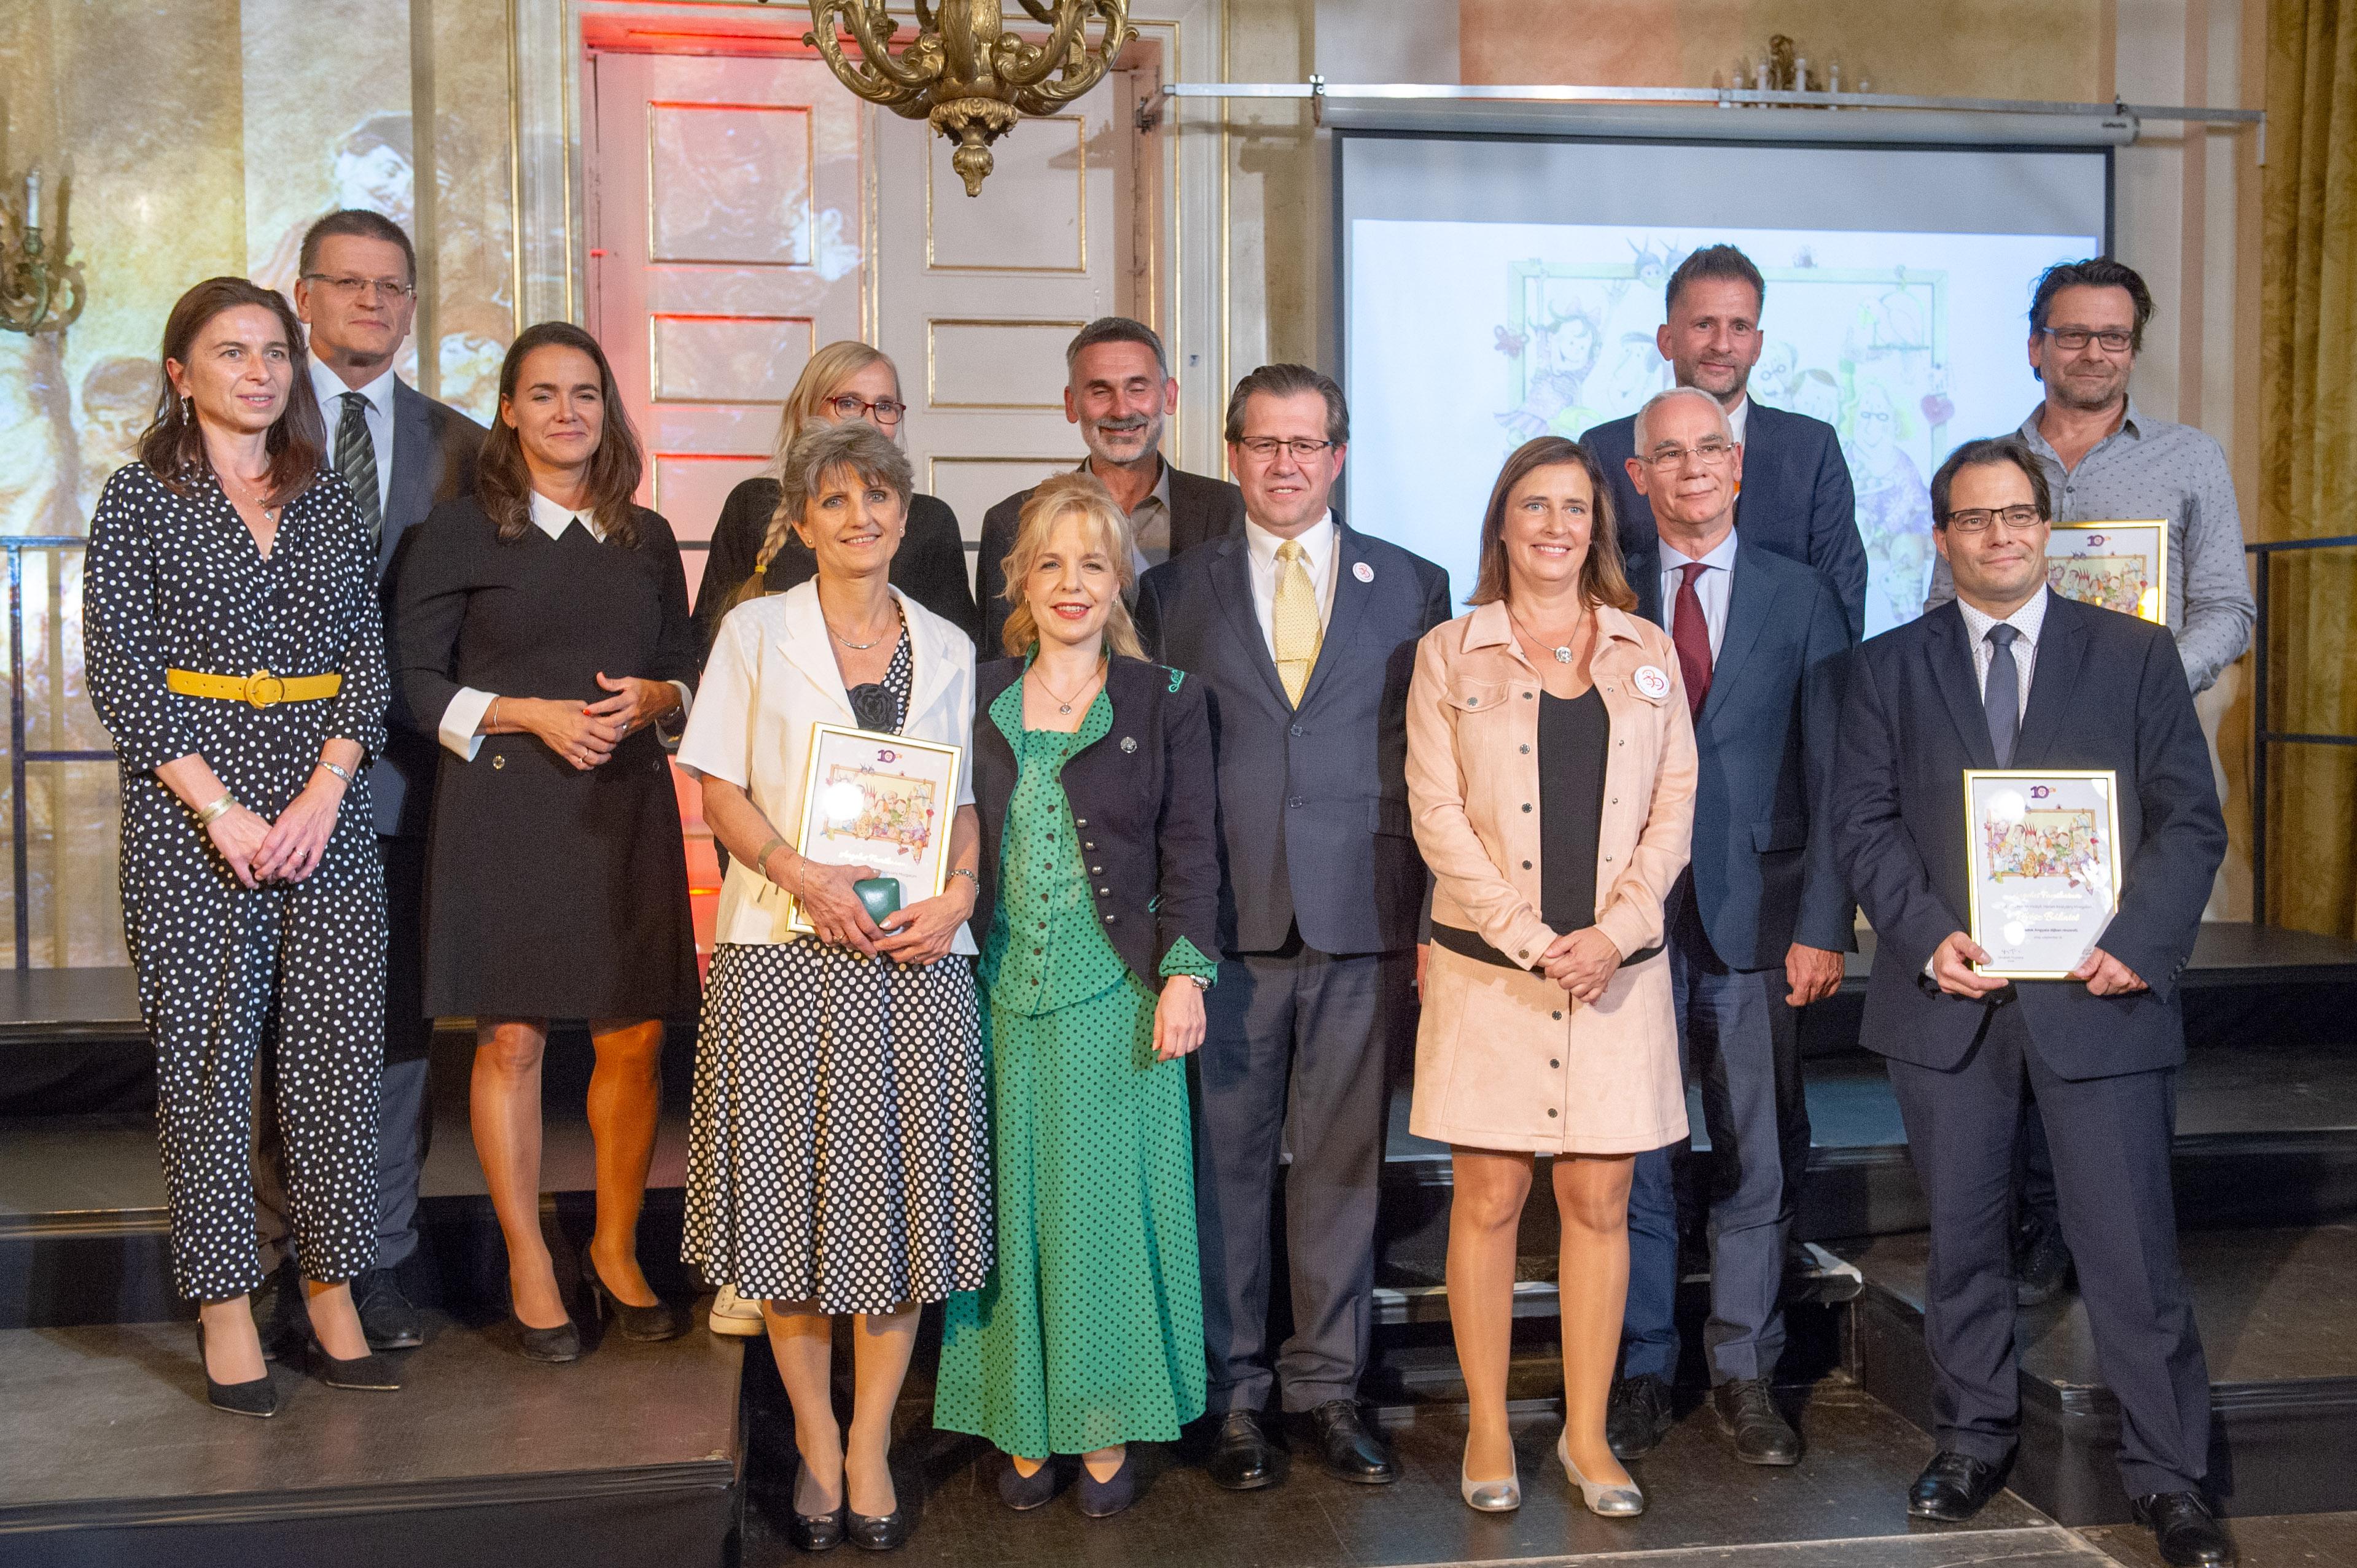 Balog Zoltán és Lovasi András is Családok Angyala-díjat kapott